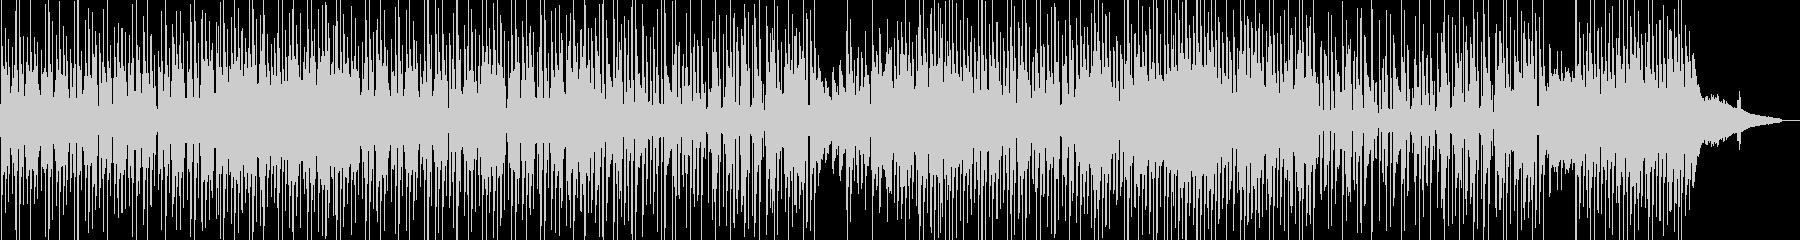 ウクレレ・ほのぼの映像や作品に 短尺の未再生の波形